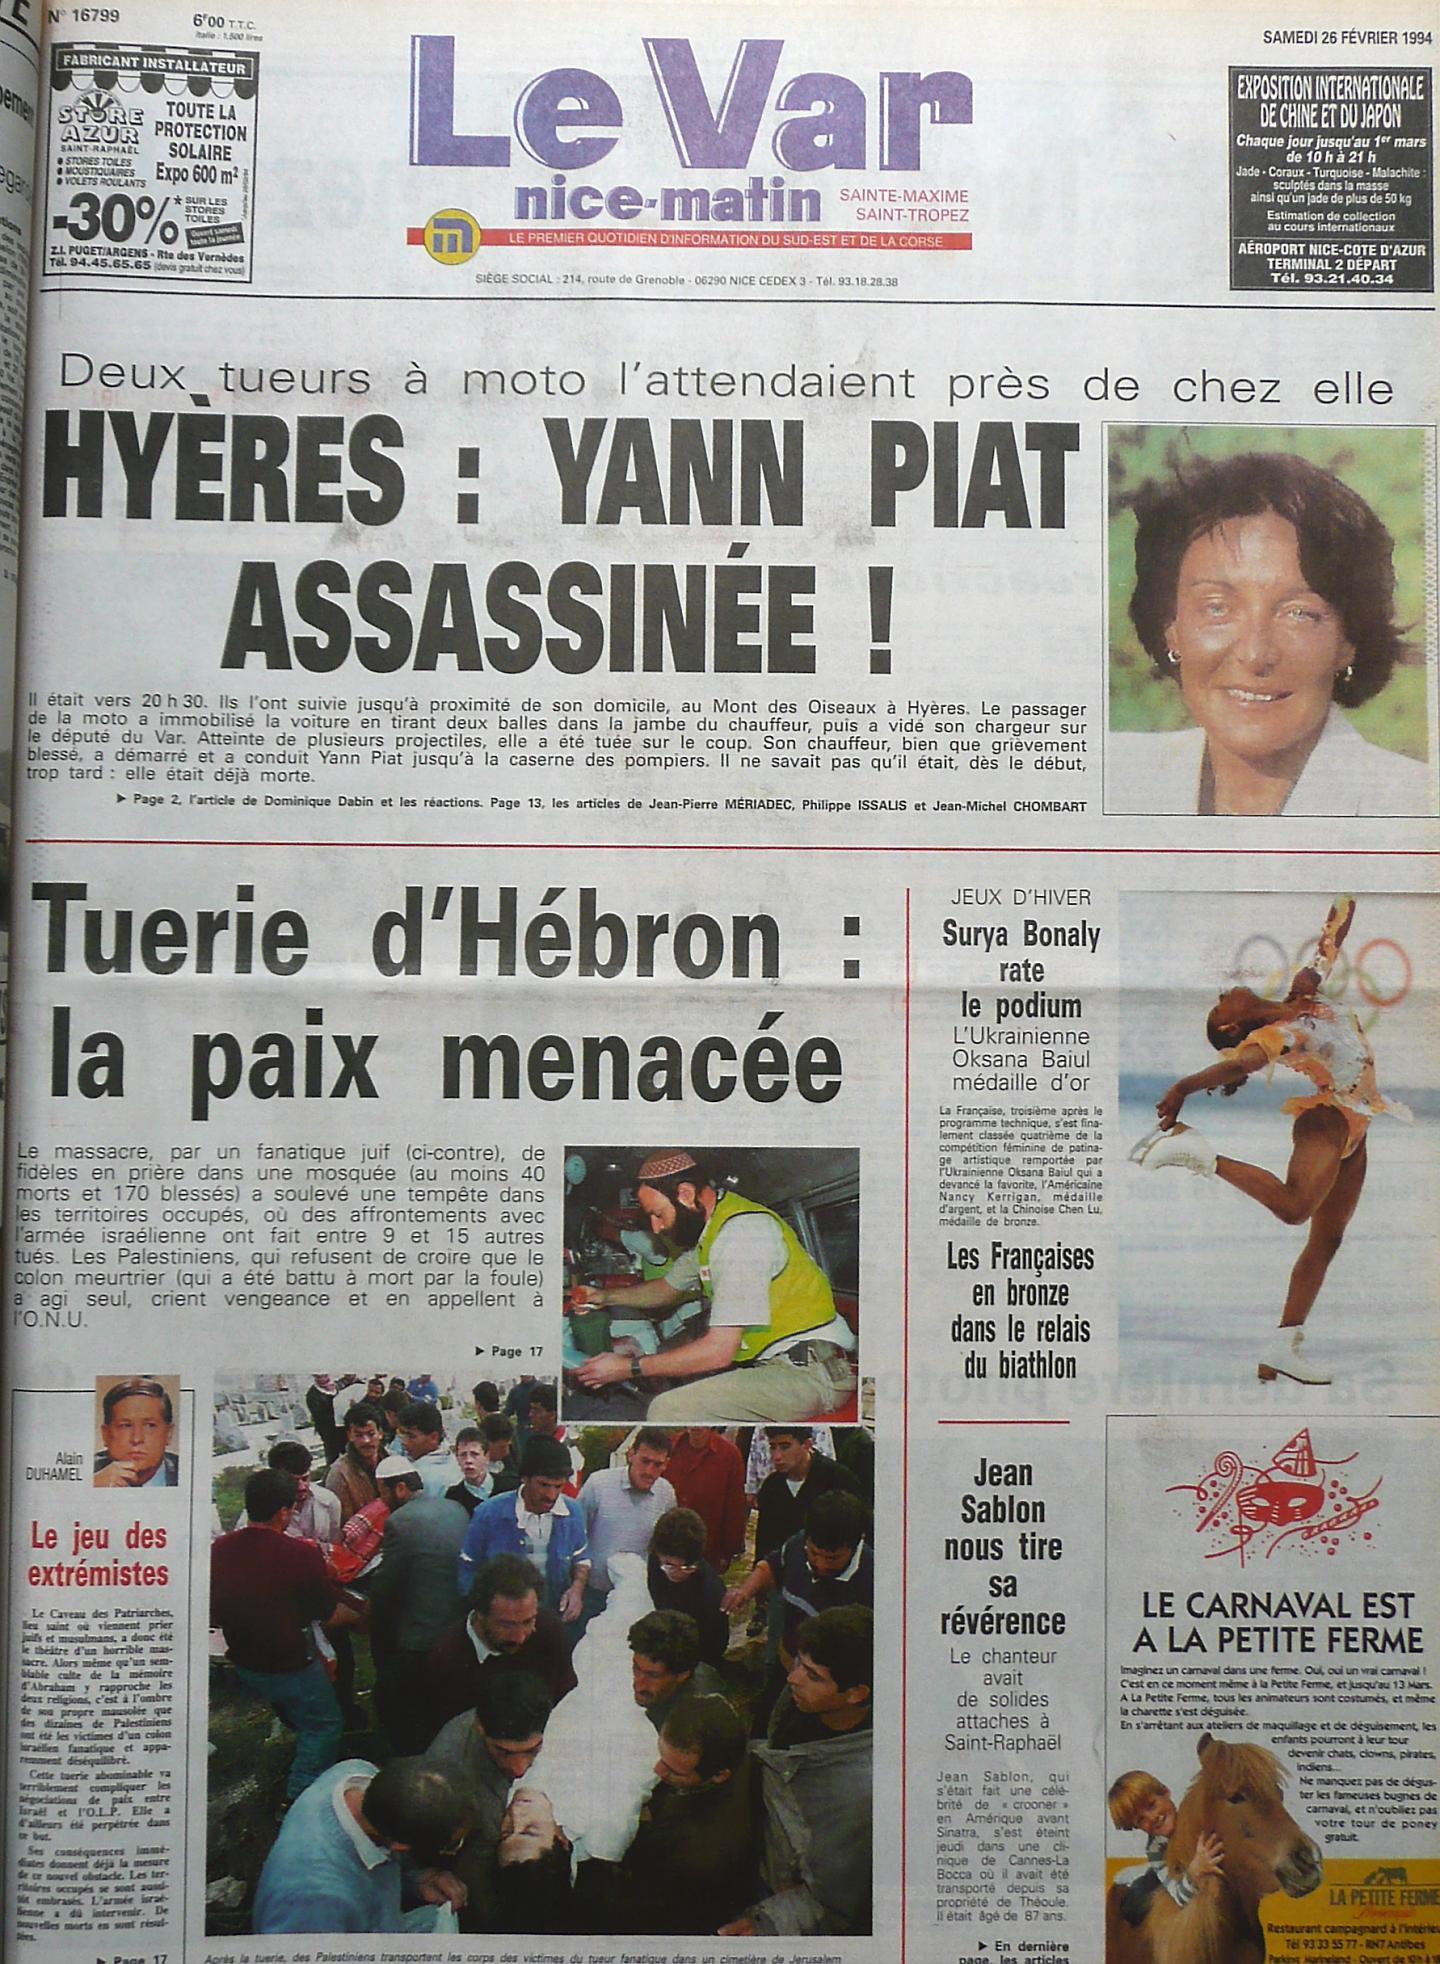 La Une de Var matin du samedi 26 février 1994.